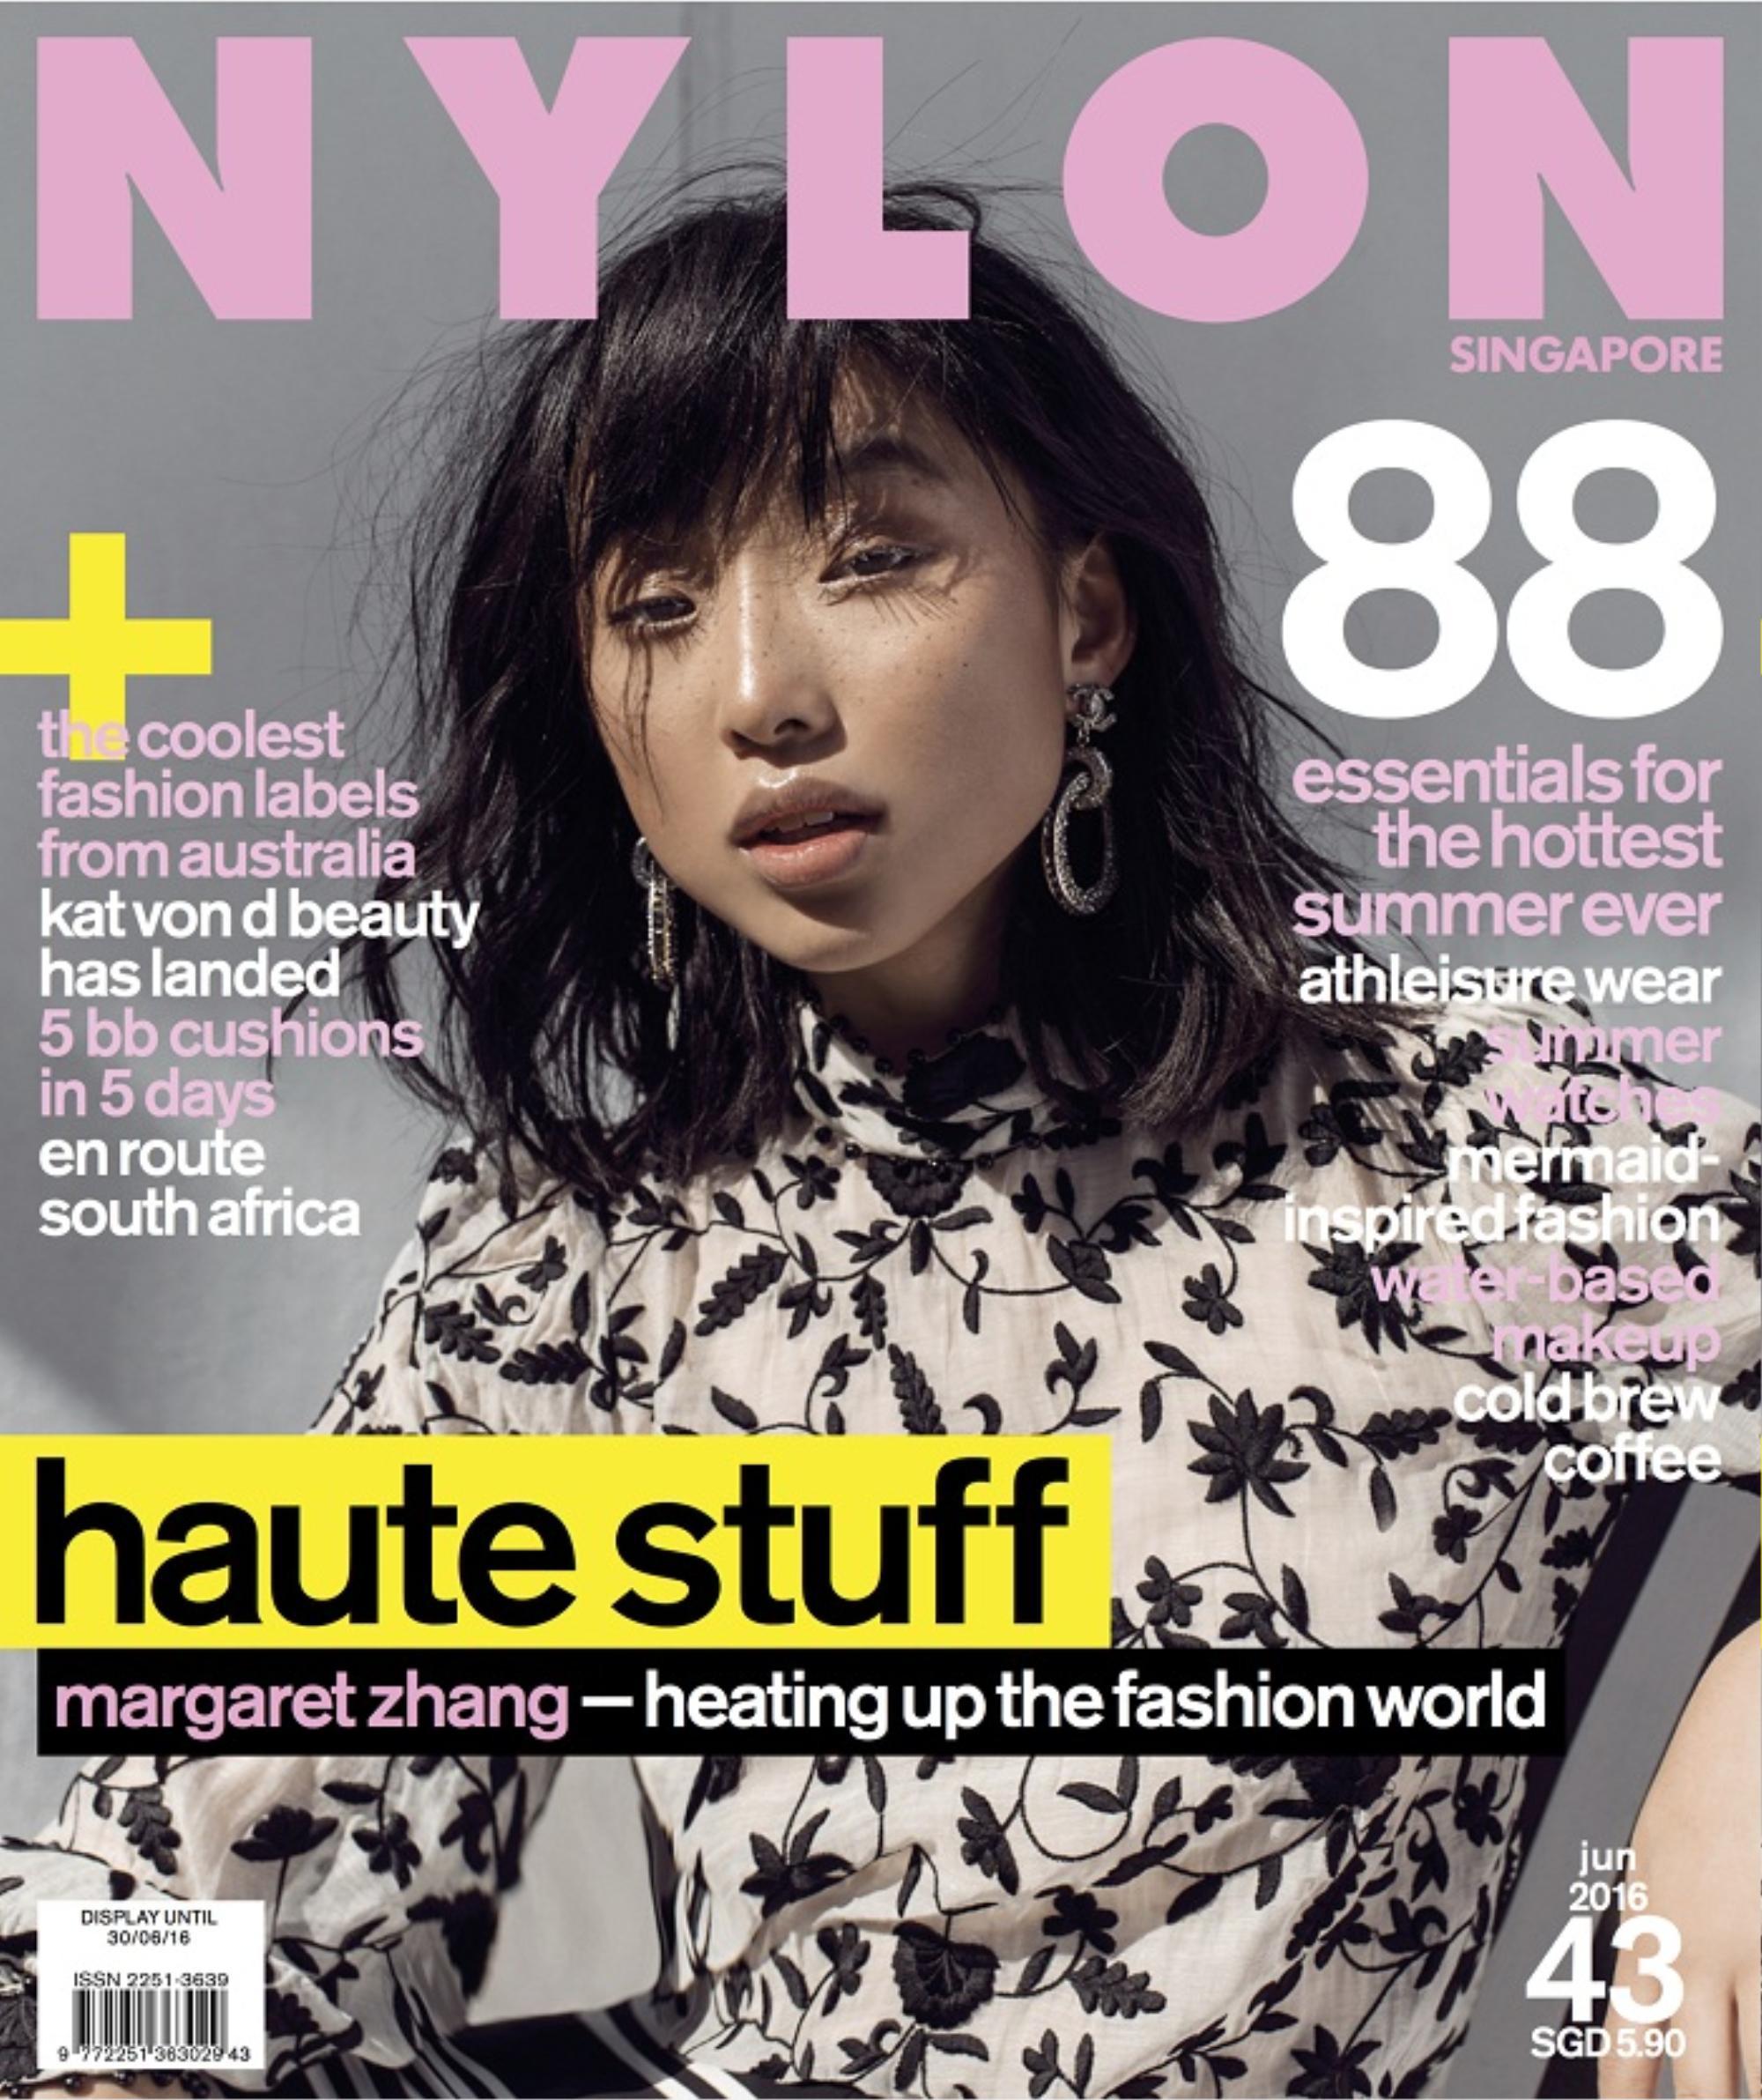 Chân dung Margaret Zhang - Tổng biên tập trẻ tuổi nhất của lịch sử tạp chí Vogue lẫy lừng Ảnh 10